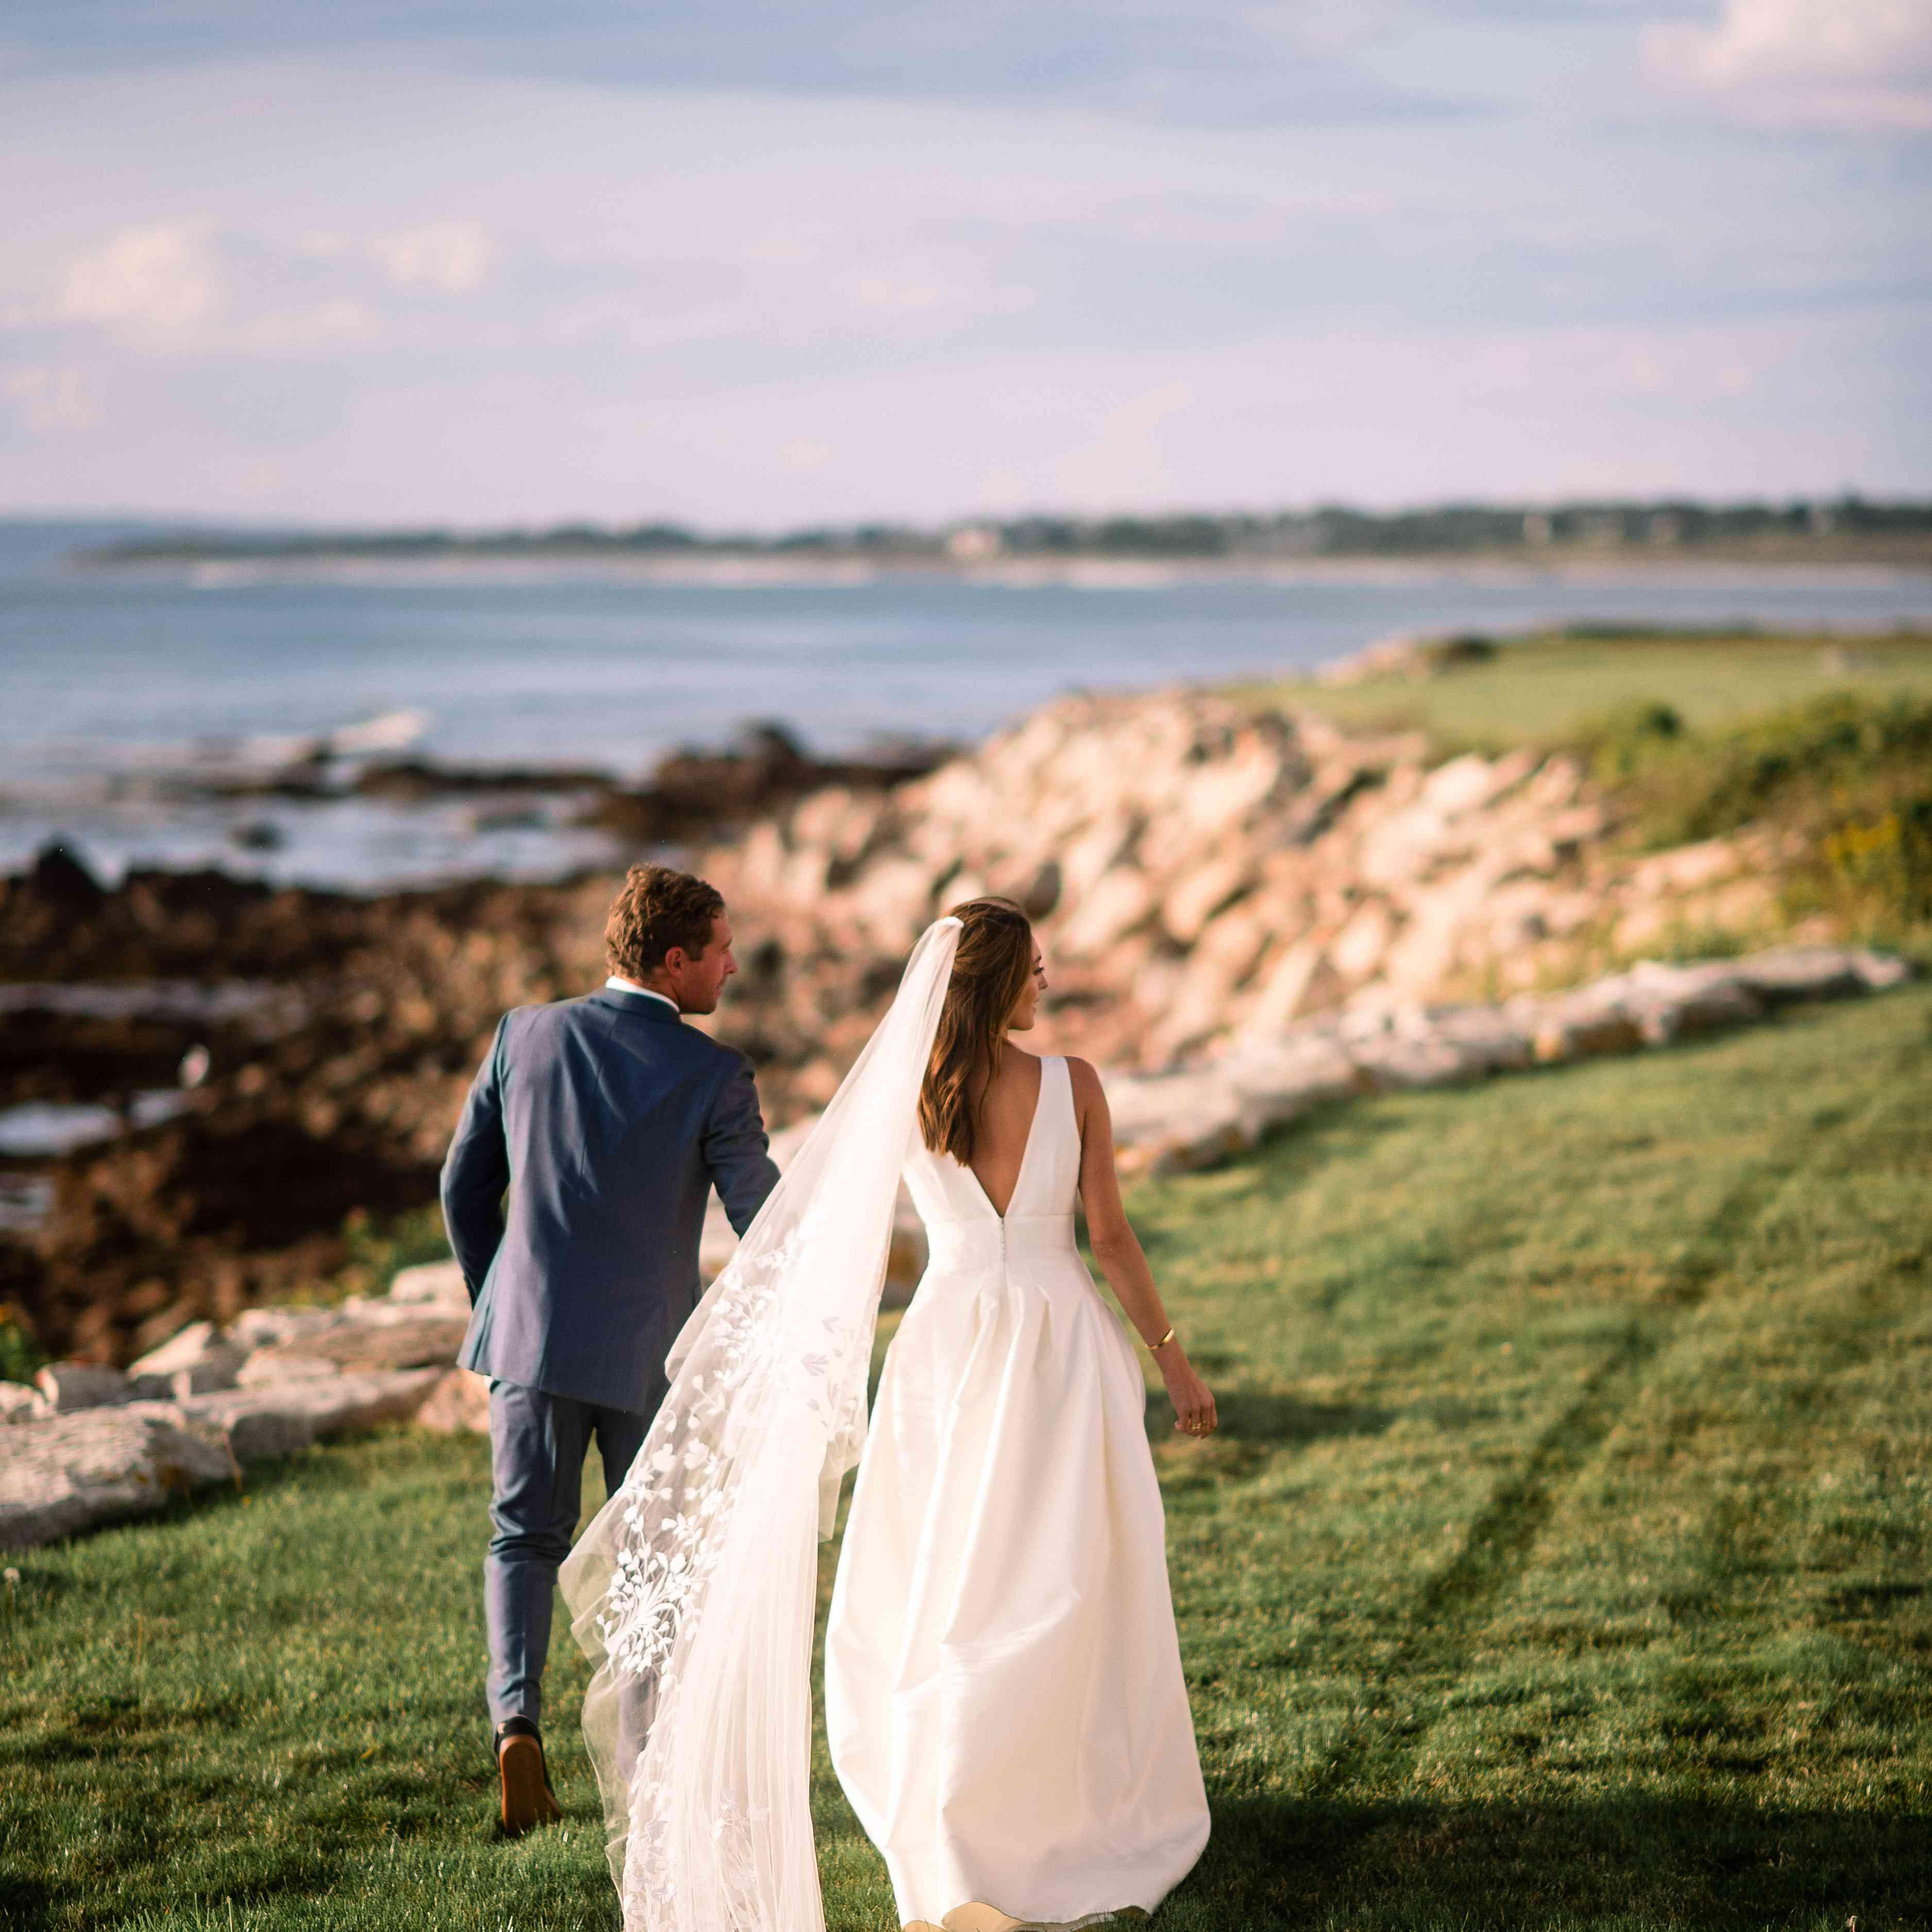 Bride and groom walking by sea